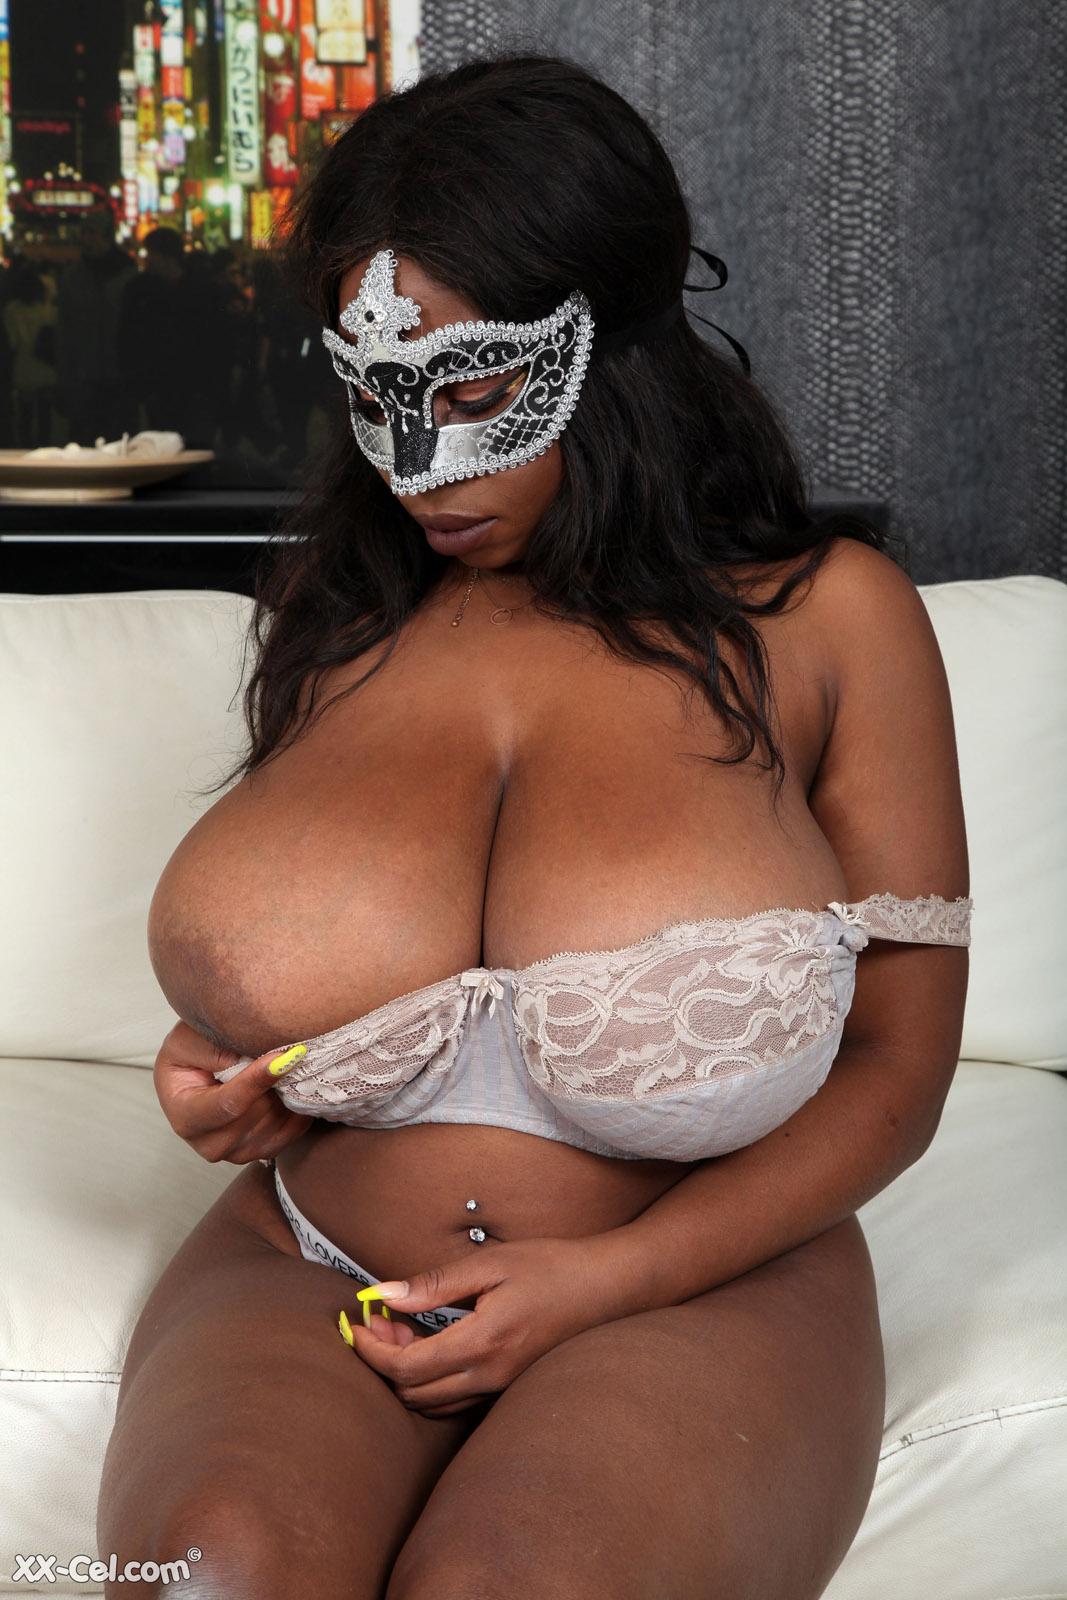 https://cdn.curvyerotic.com/wp-content/uploads/2020/03/kylie-masquerade-xx-cel-3.jpg